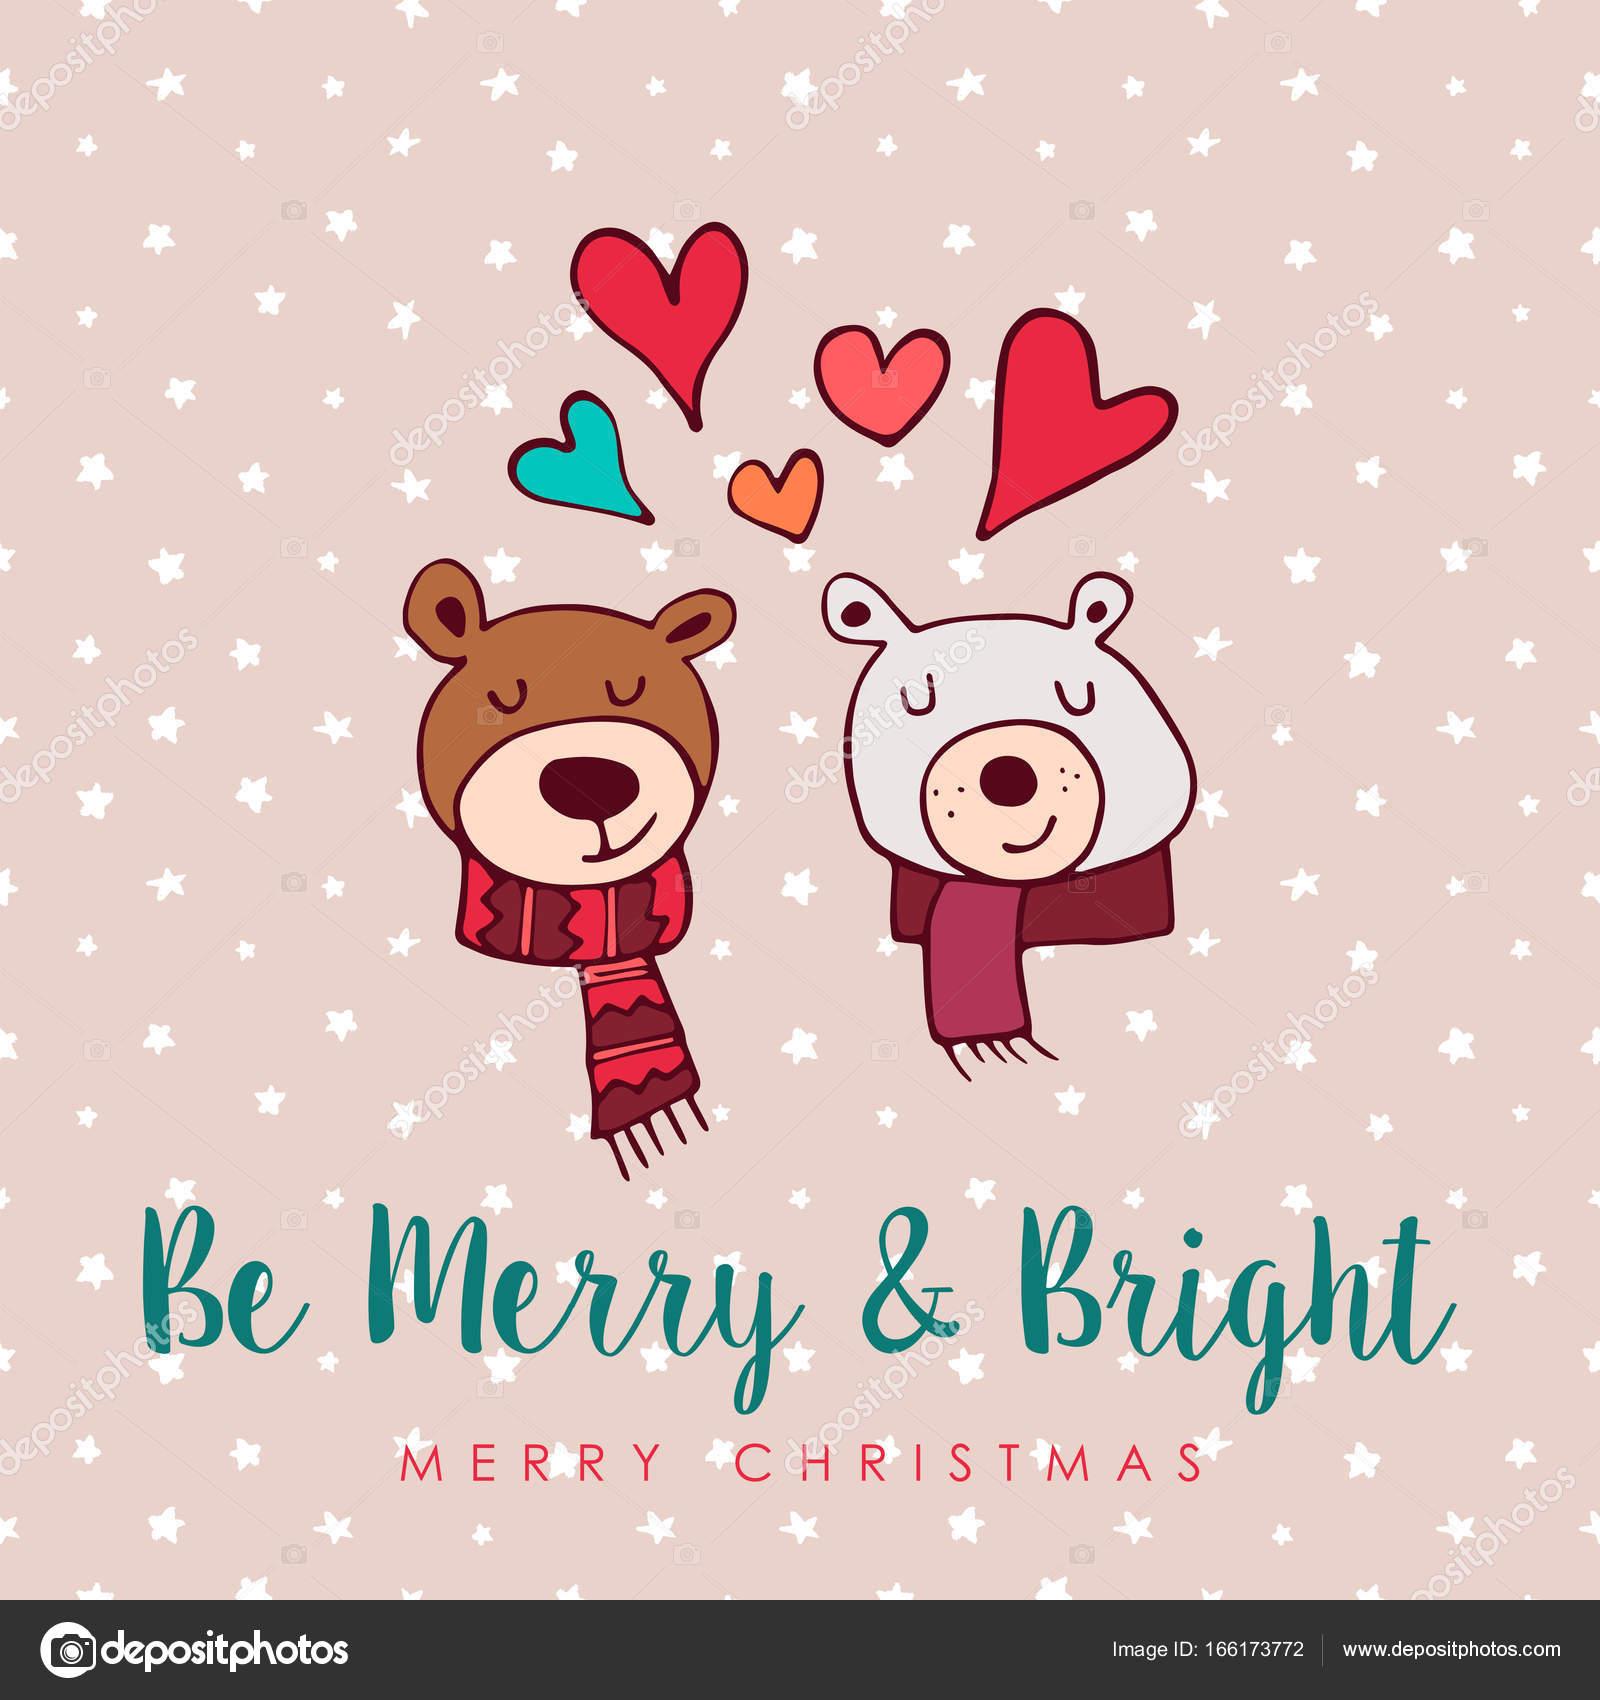 Christmas Cute Holiday Love Bears Cartoon Card Stock Vector